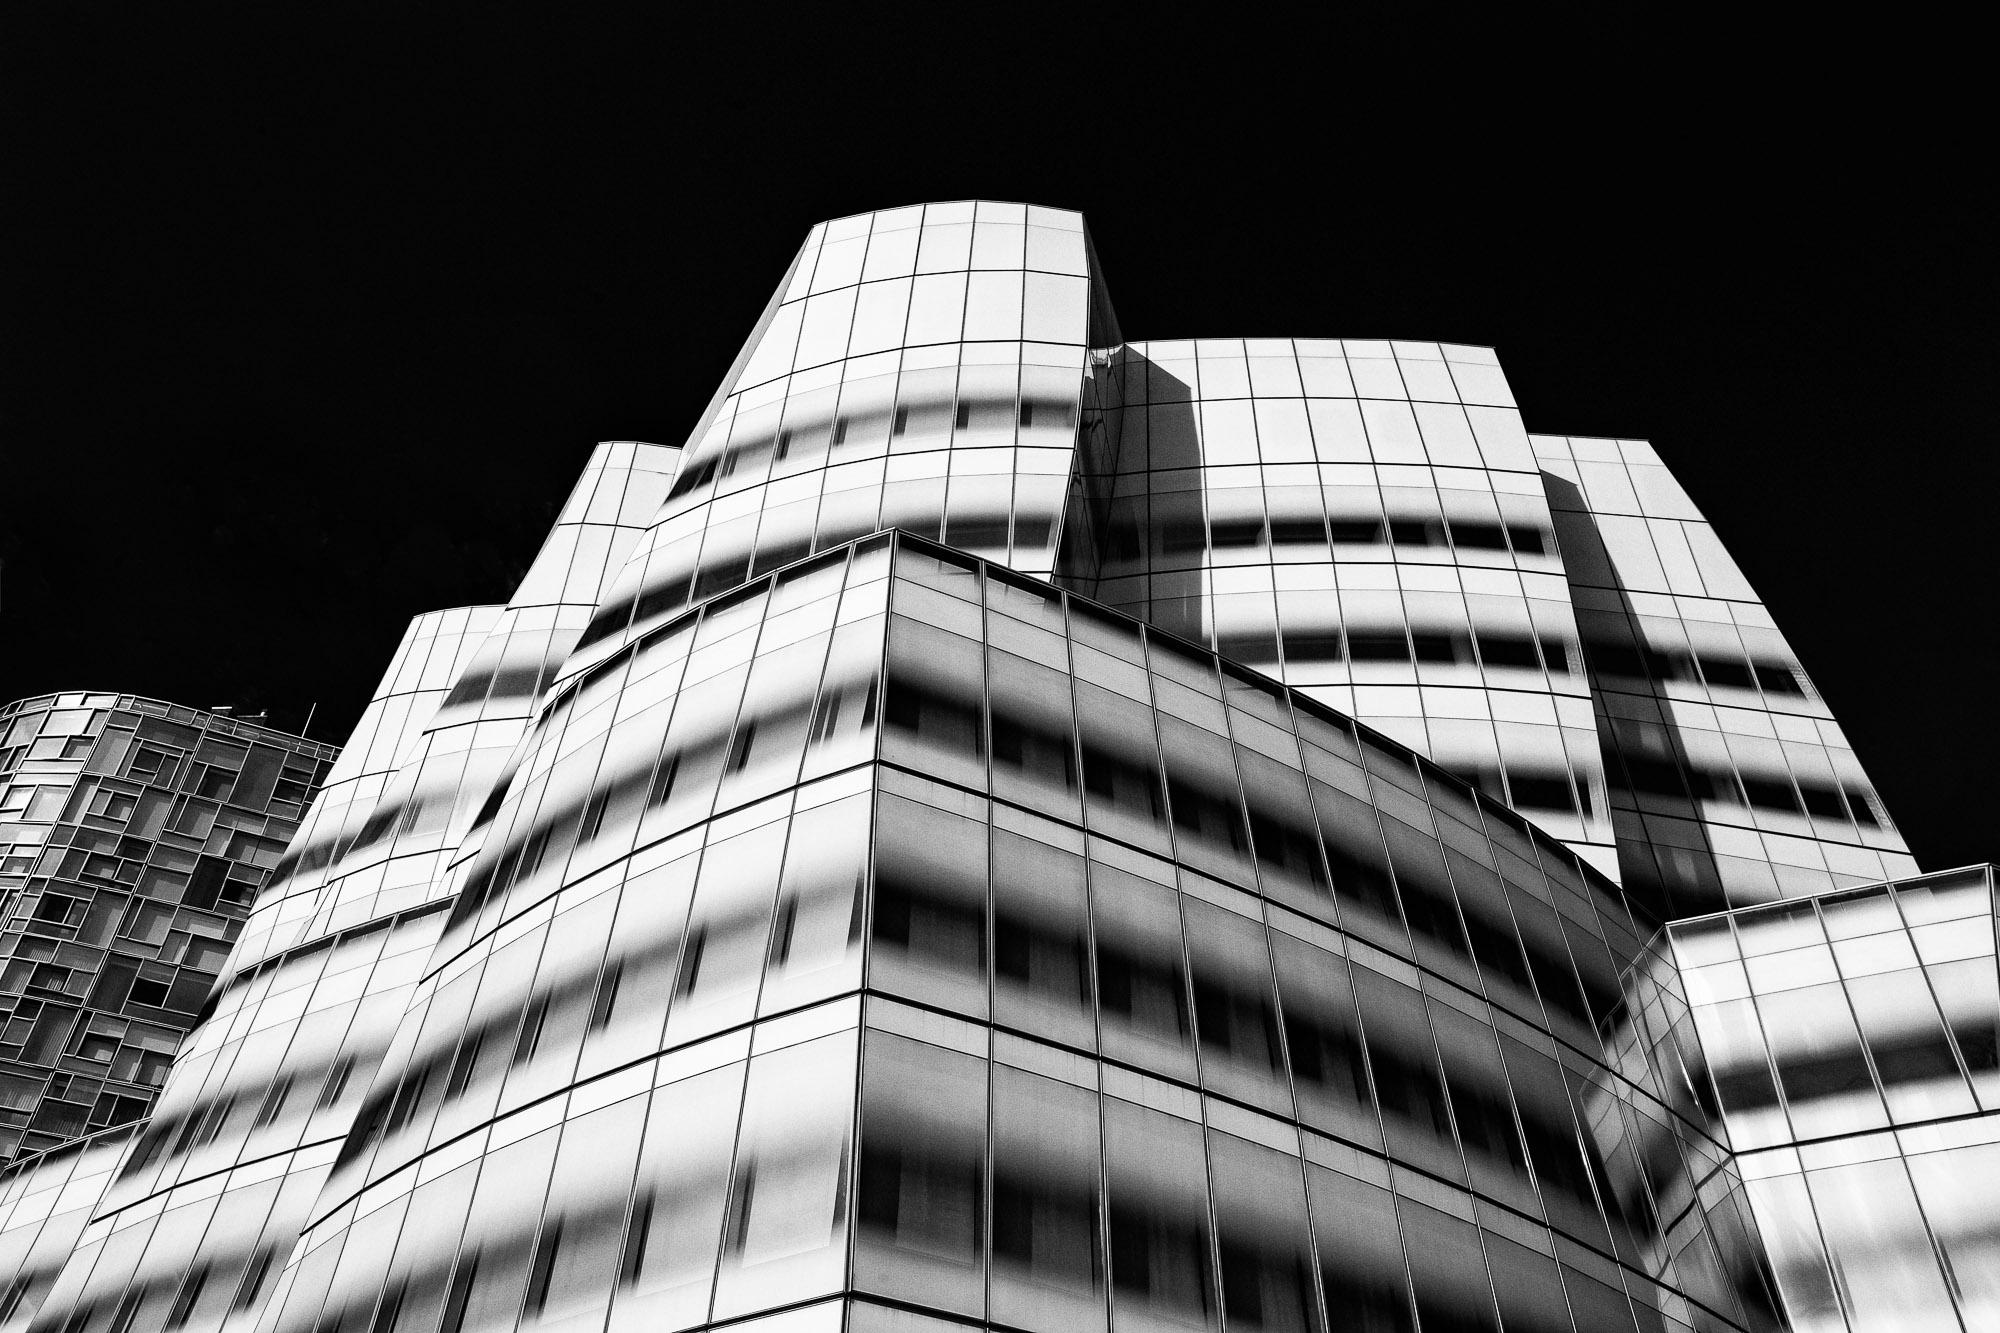 ben-arnon-architecture_006.jpg